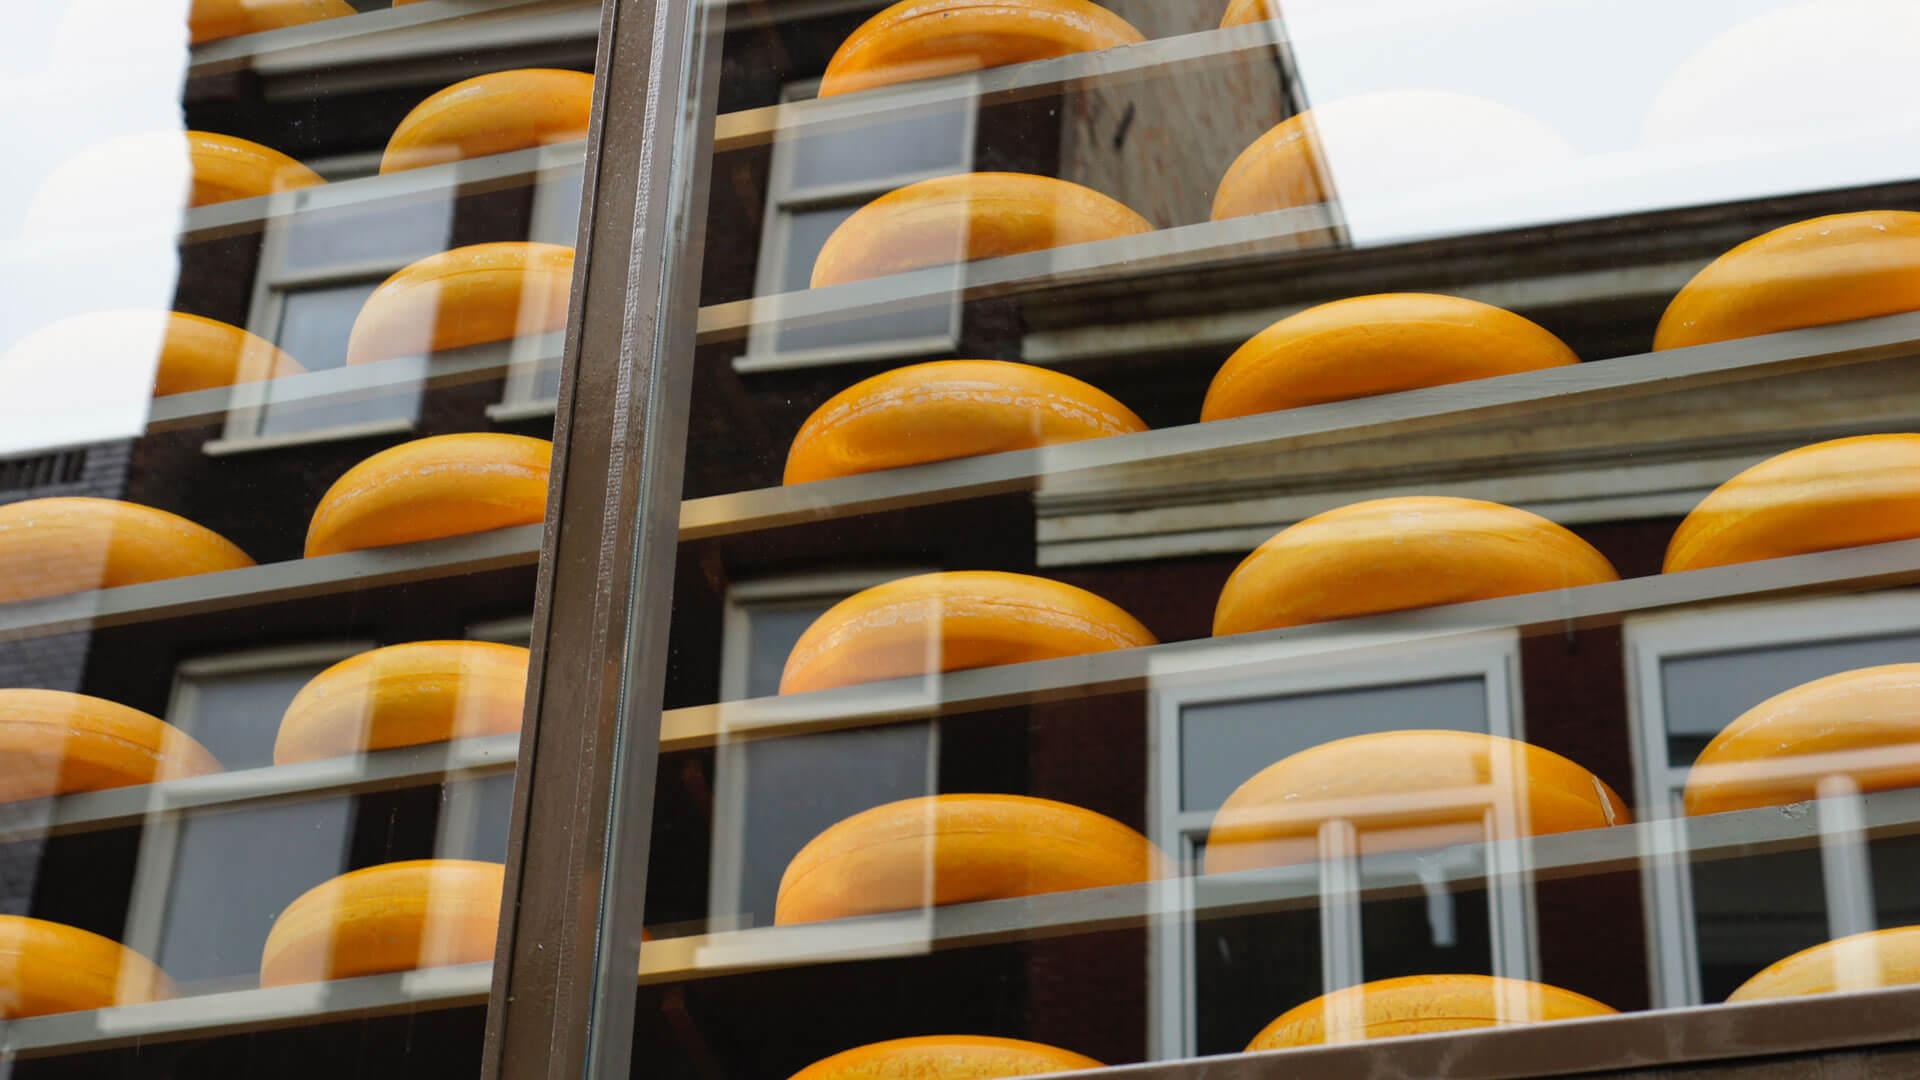 Formation Nouveaux concepts de vente pour la cremerie-fromagerie